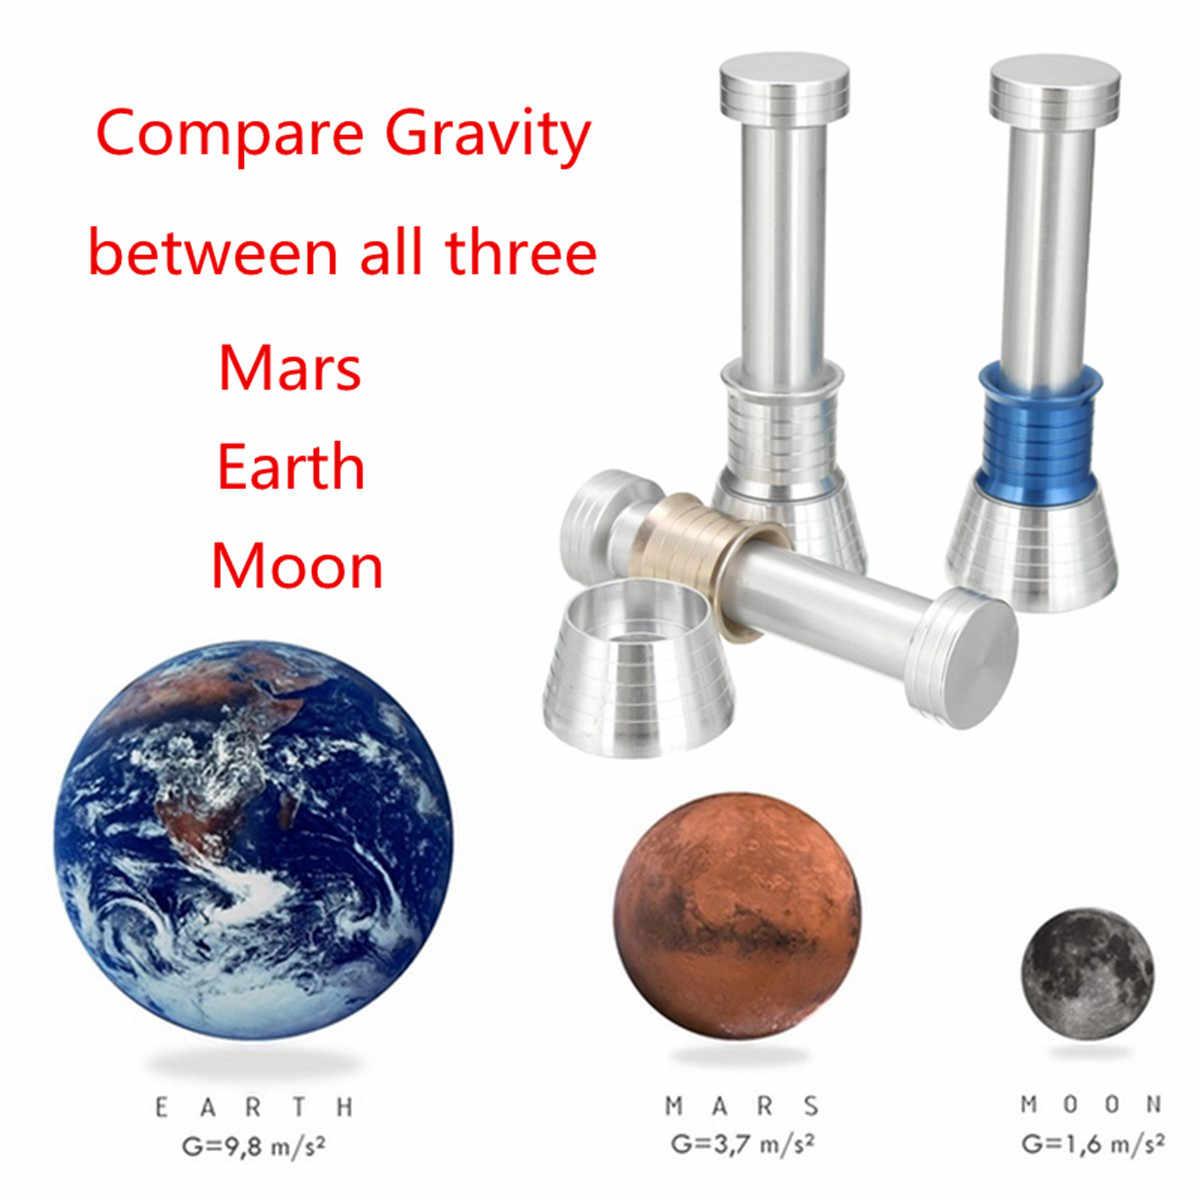 Moondrop Fidget juguete de alivio de estrés Spinner mano Spinner tri-Spinner muestra la gravedad de la Luna para la Ciencia juguetes para niños adultos juguete regalo